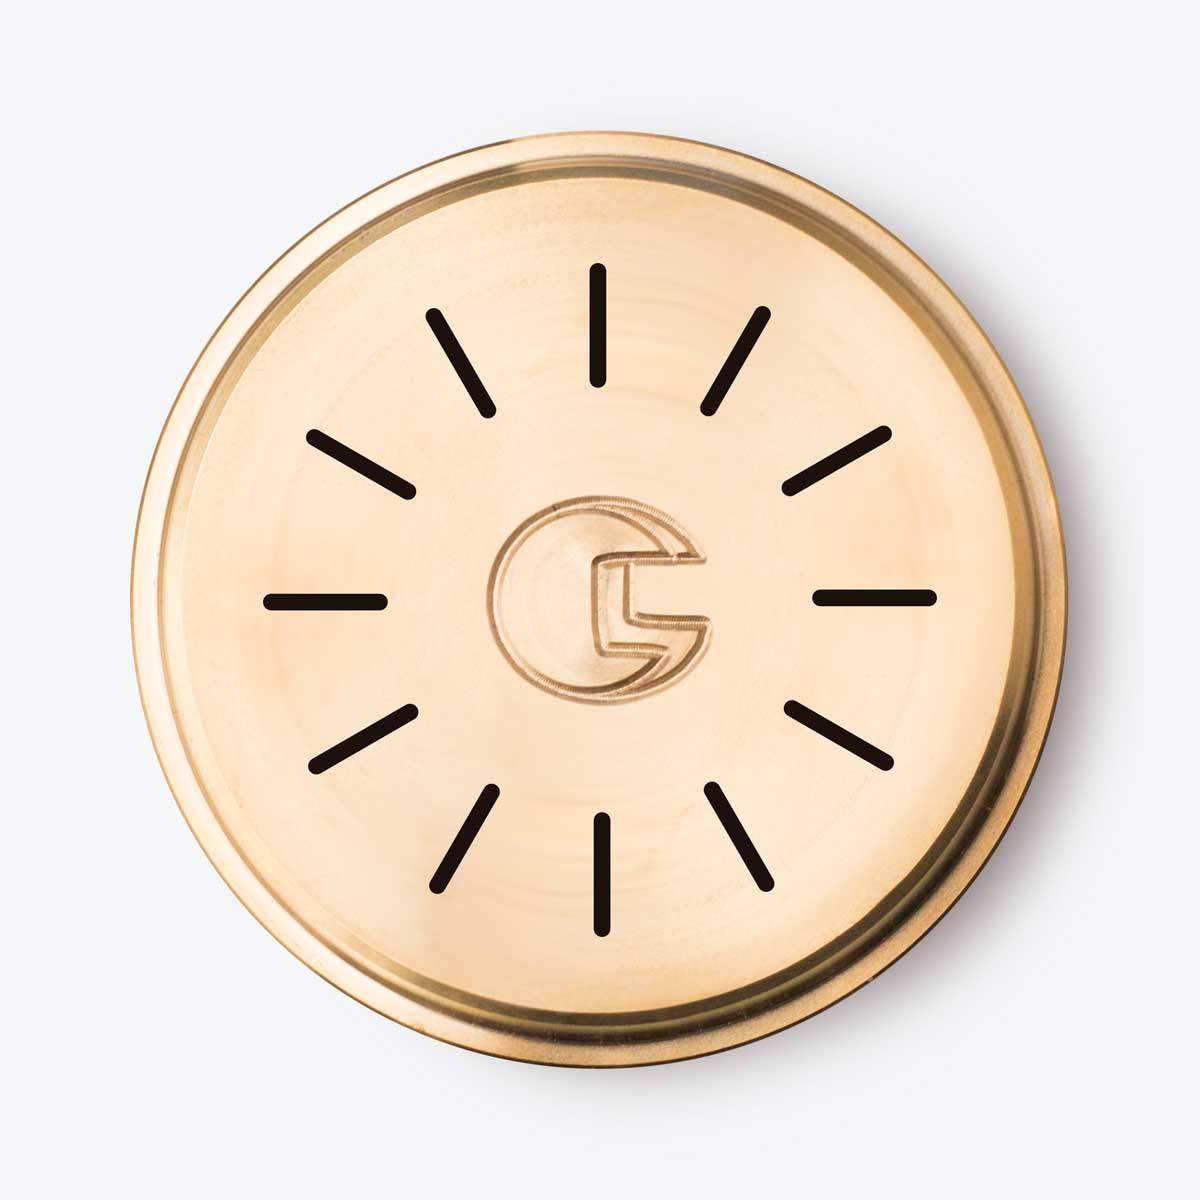 Trafila per pasta in bronzo N°104 TAGLIATELLE 6mm per Kenwood, Philips Pasta Maker, Philips Viva Collection CAPITANIO CAMILLO SNC